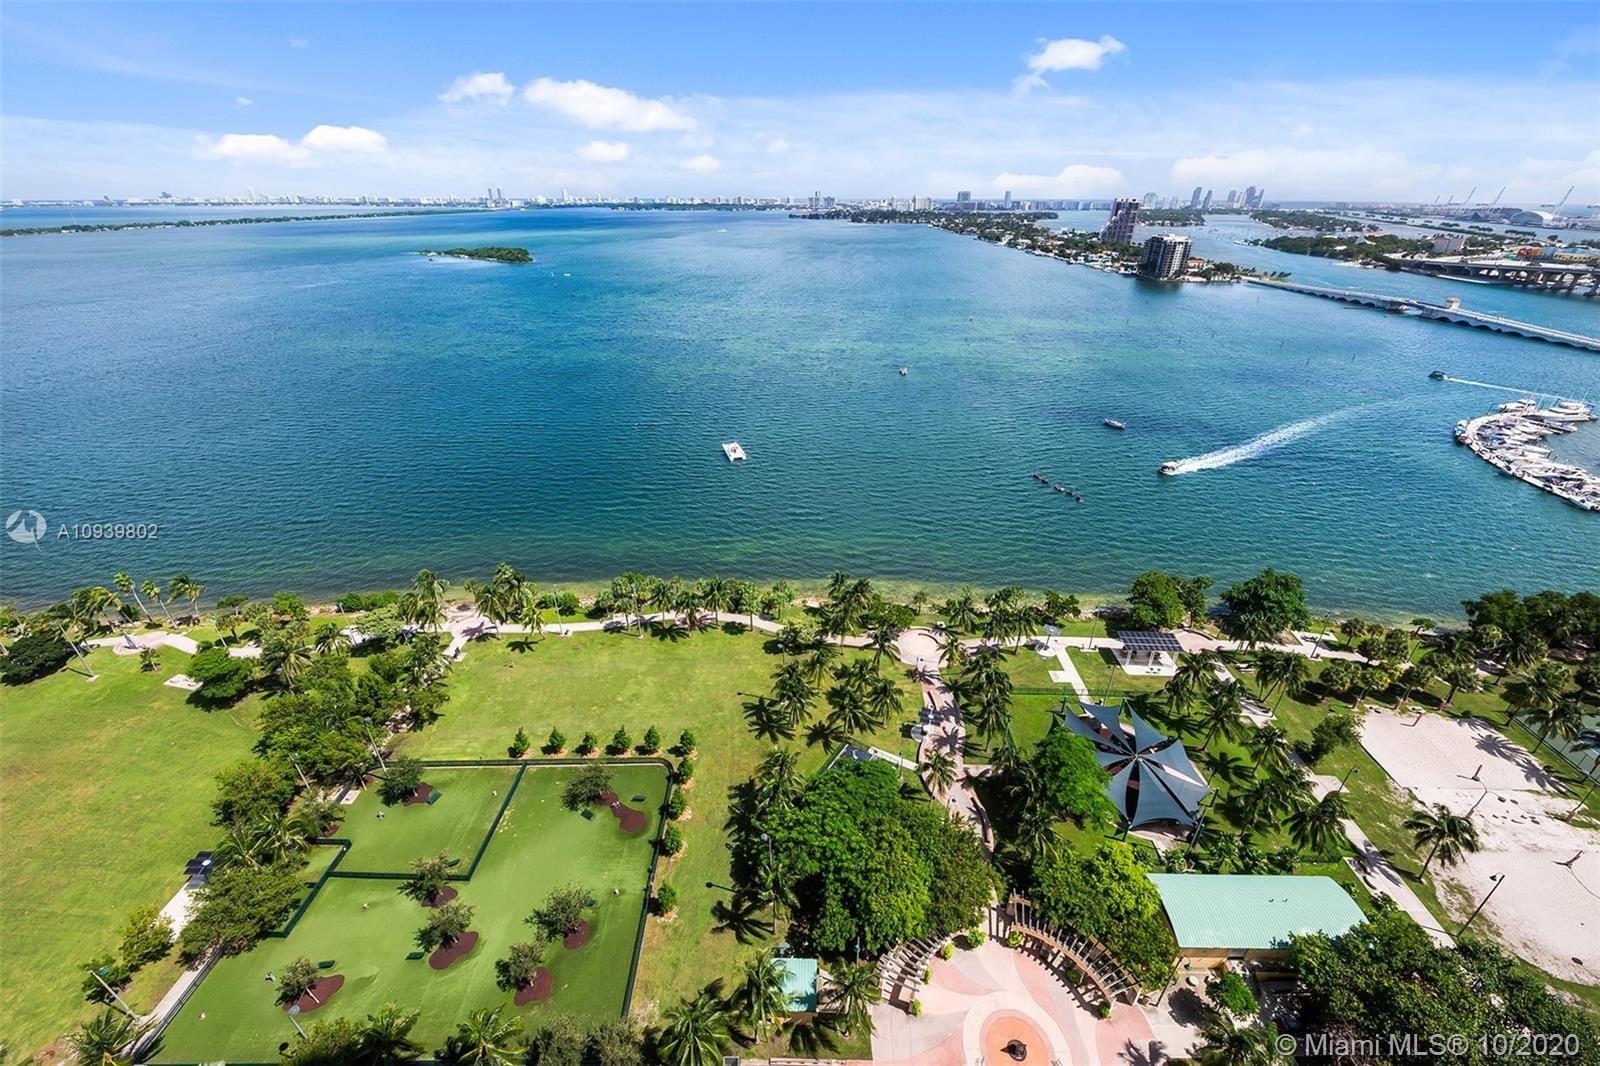 1800 N Bayshore Dr #2801, Miami, FL 33132 - #: A10939802